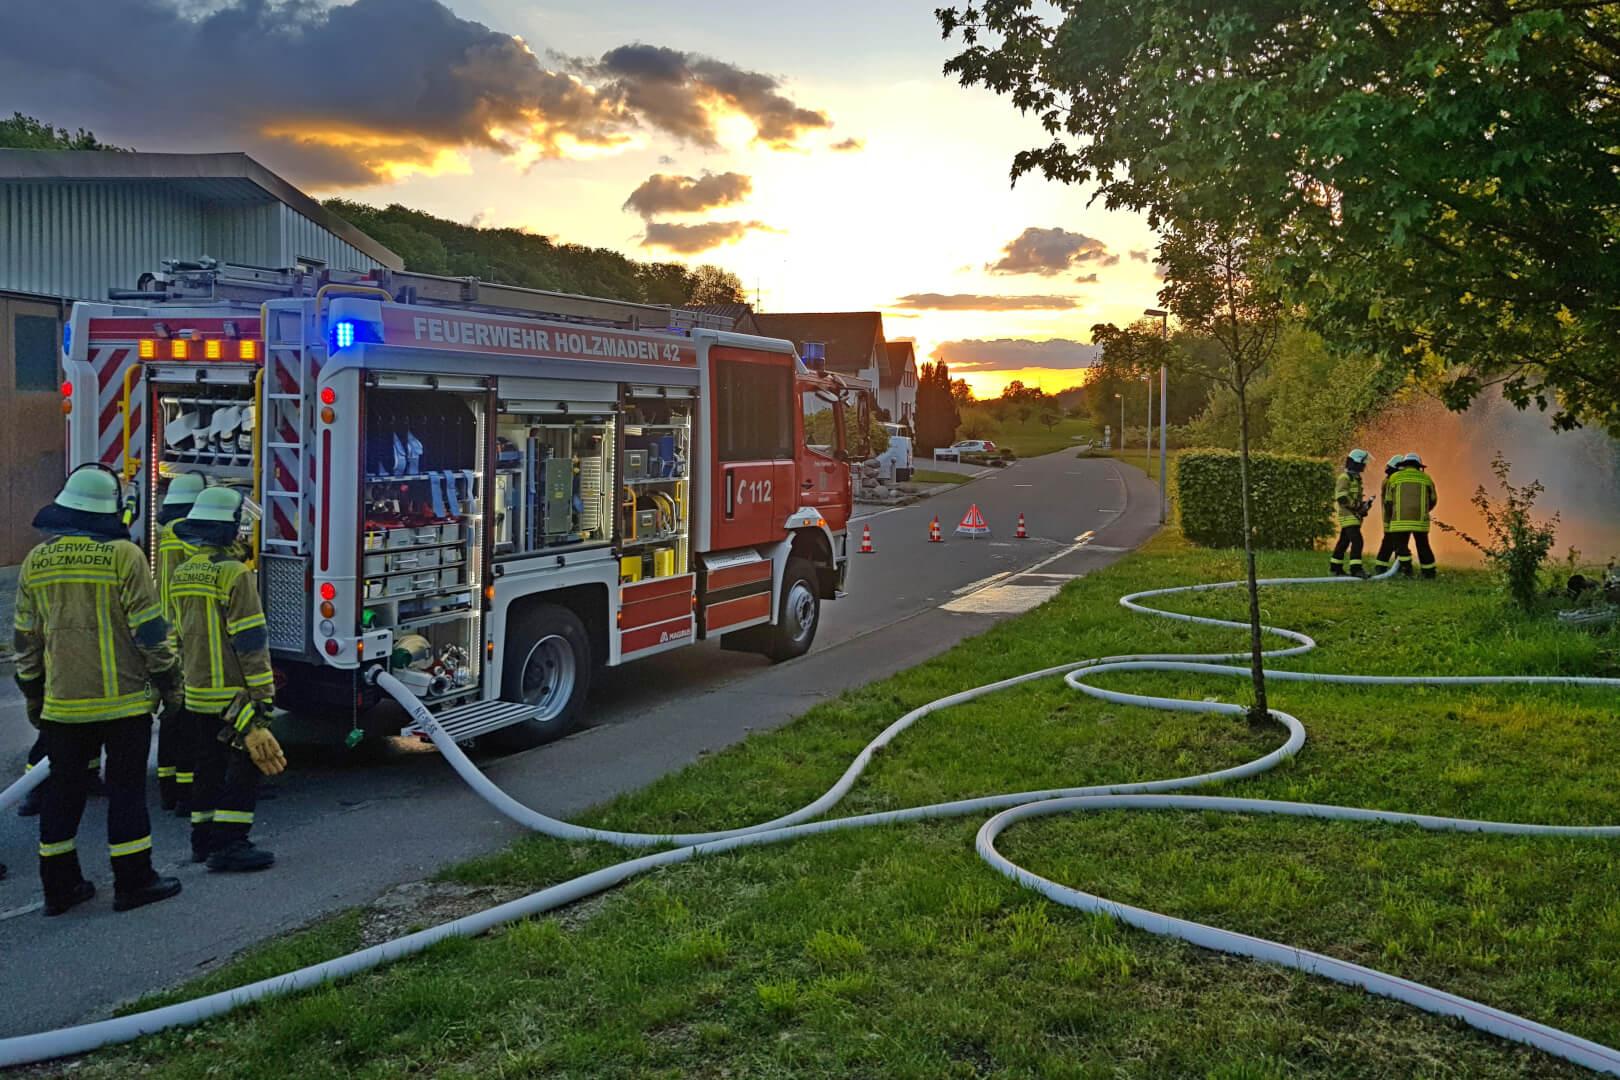 Ende September nimmt die Feuerwehr Holzmaden den Übungsbetrieb wieder auf.